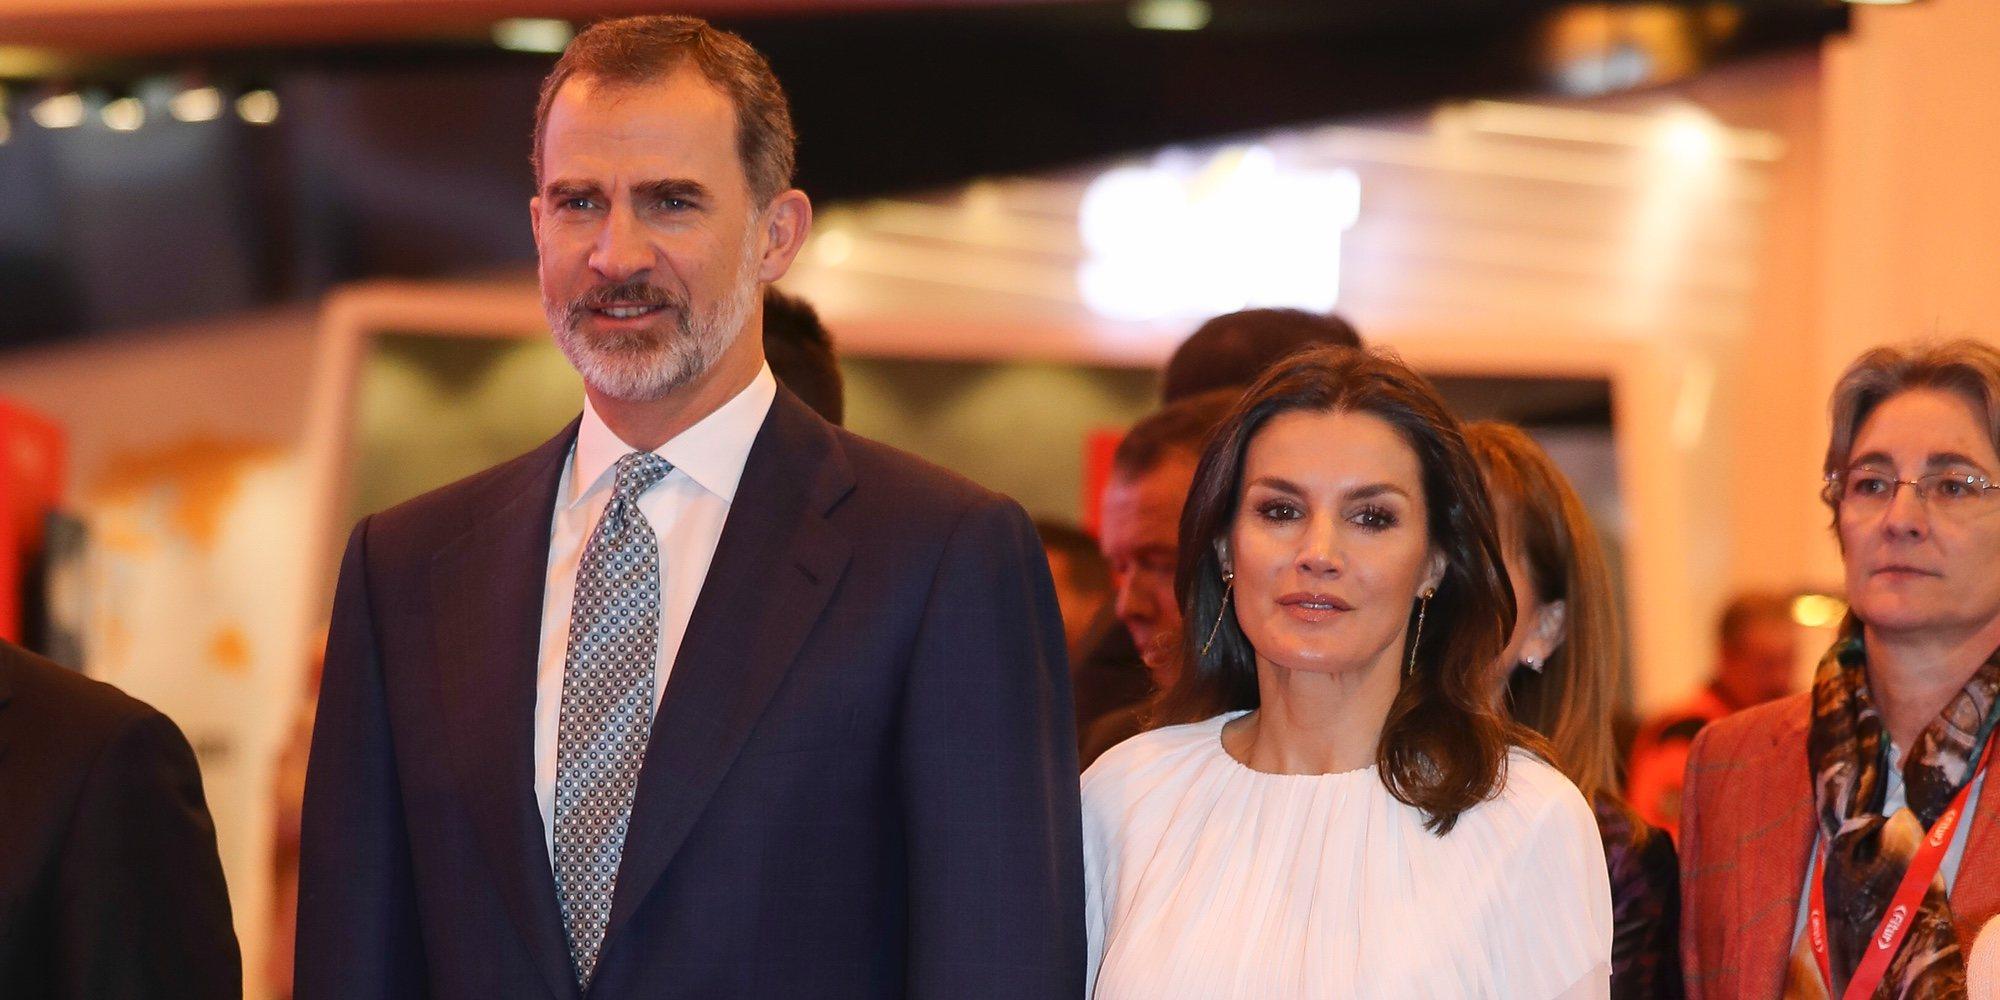 Los Reyes Felipe y Letizia inauguran una accidentada edición de FITUR tras tener que entrar por un lateral